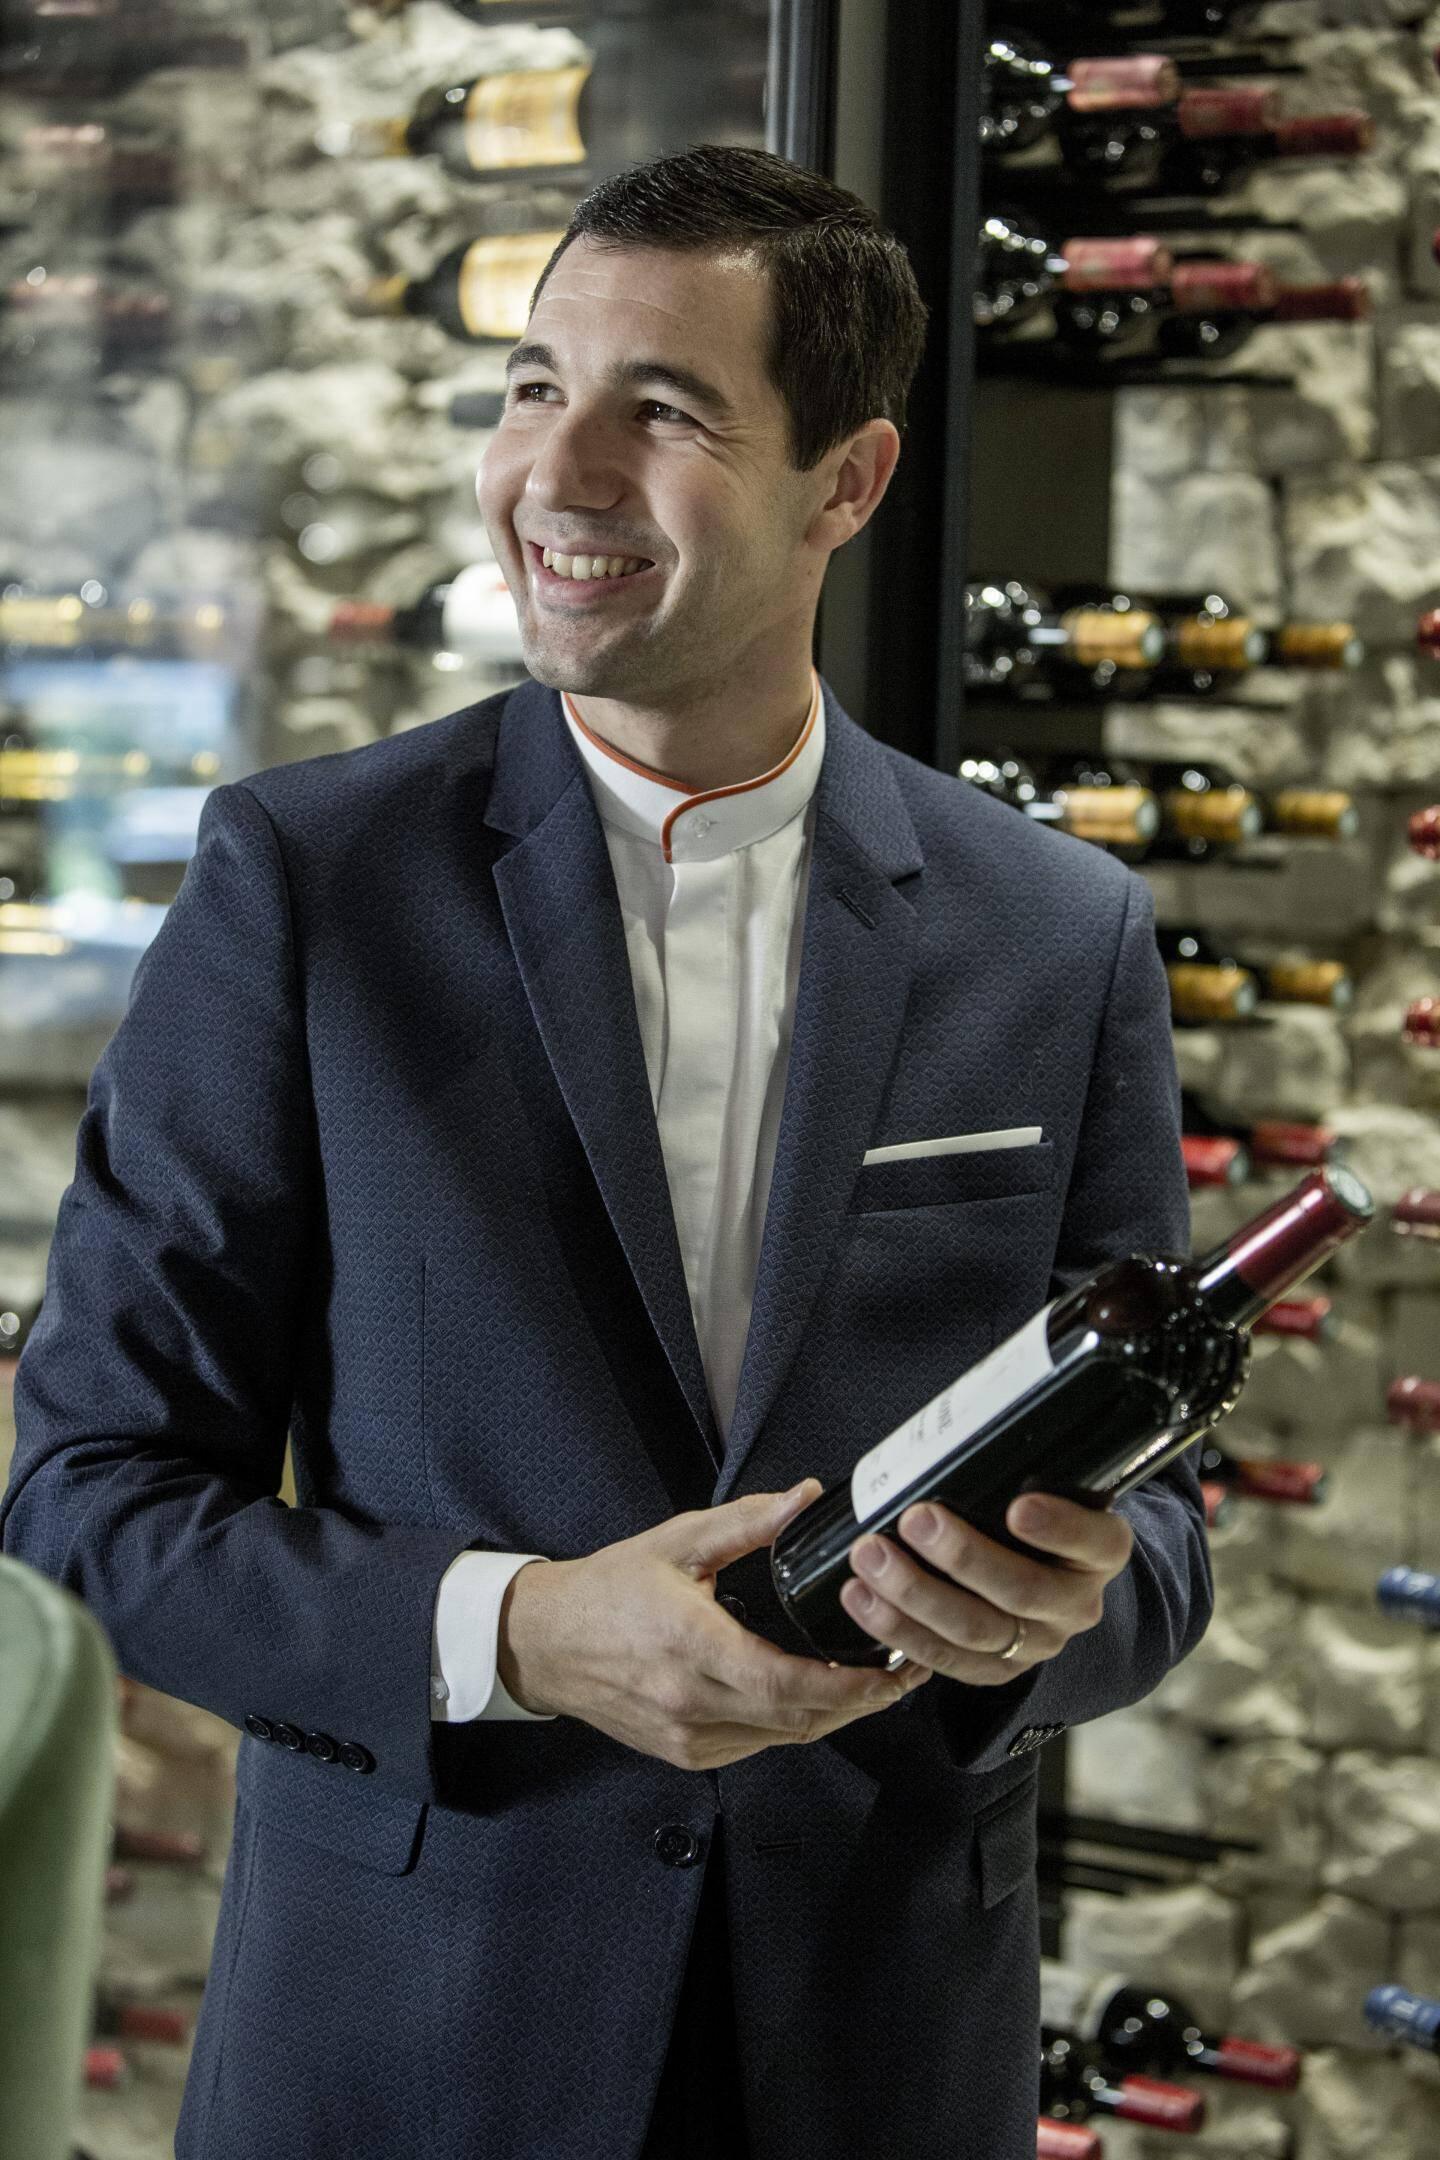 Mathias Negro, chef sommelier d'OMER, le nouveau restaurant d'Alain Ducasse.